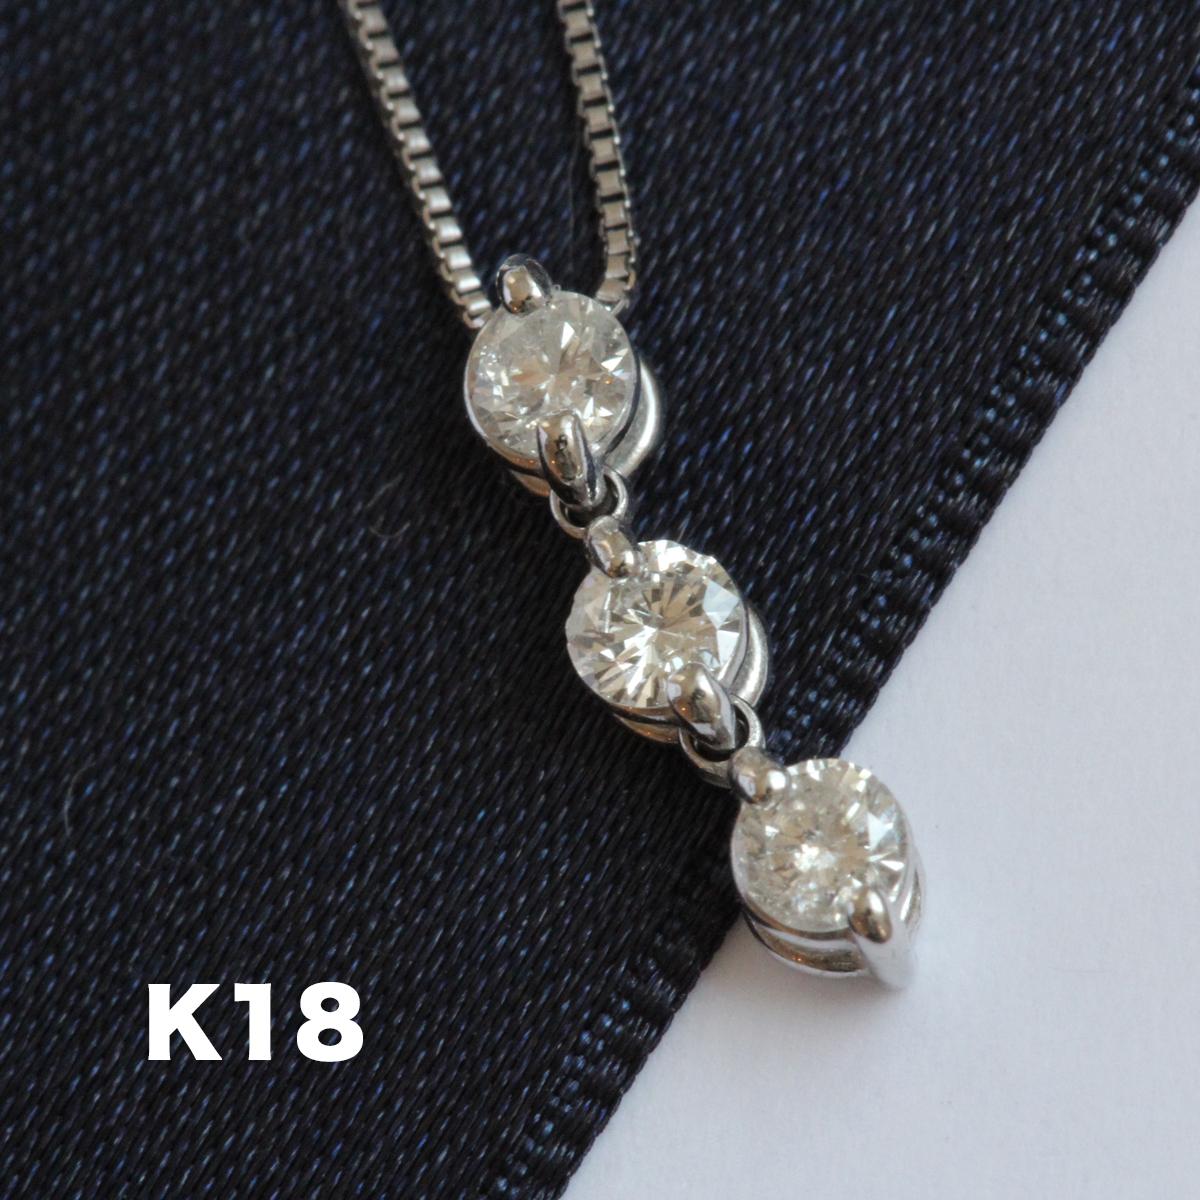 ネックレス 女性用 女性用 アクセサリーレディースアクセ ダイヤ ダイヤネックレス アクセサリー 女性用 ホワイトゴールド ネックレス K18WG スリーストーン ダイヤモンドネックレス 0.2ct 【送料無料】